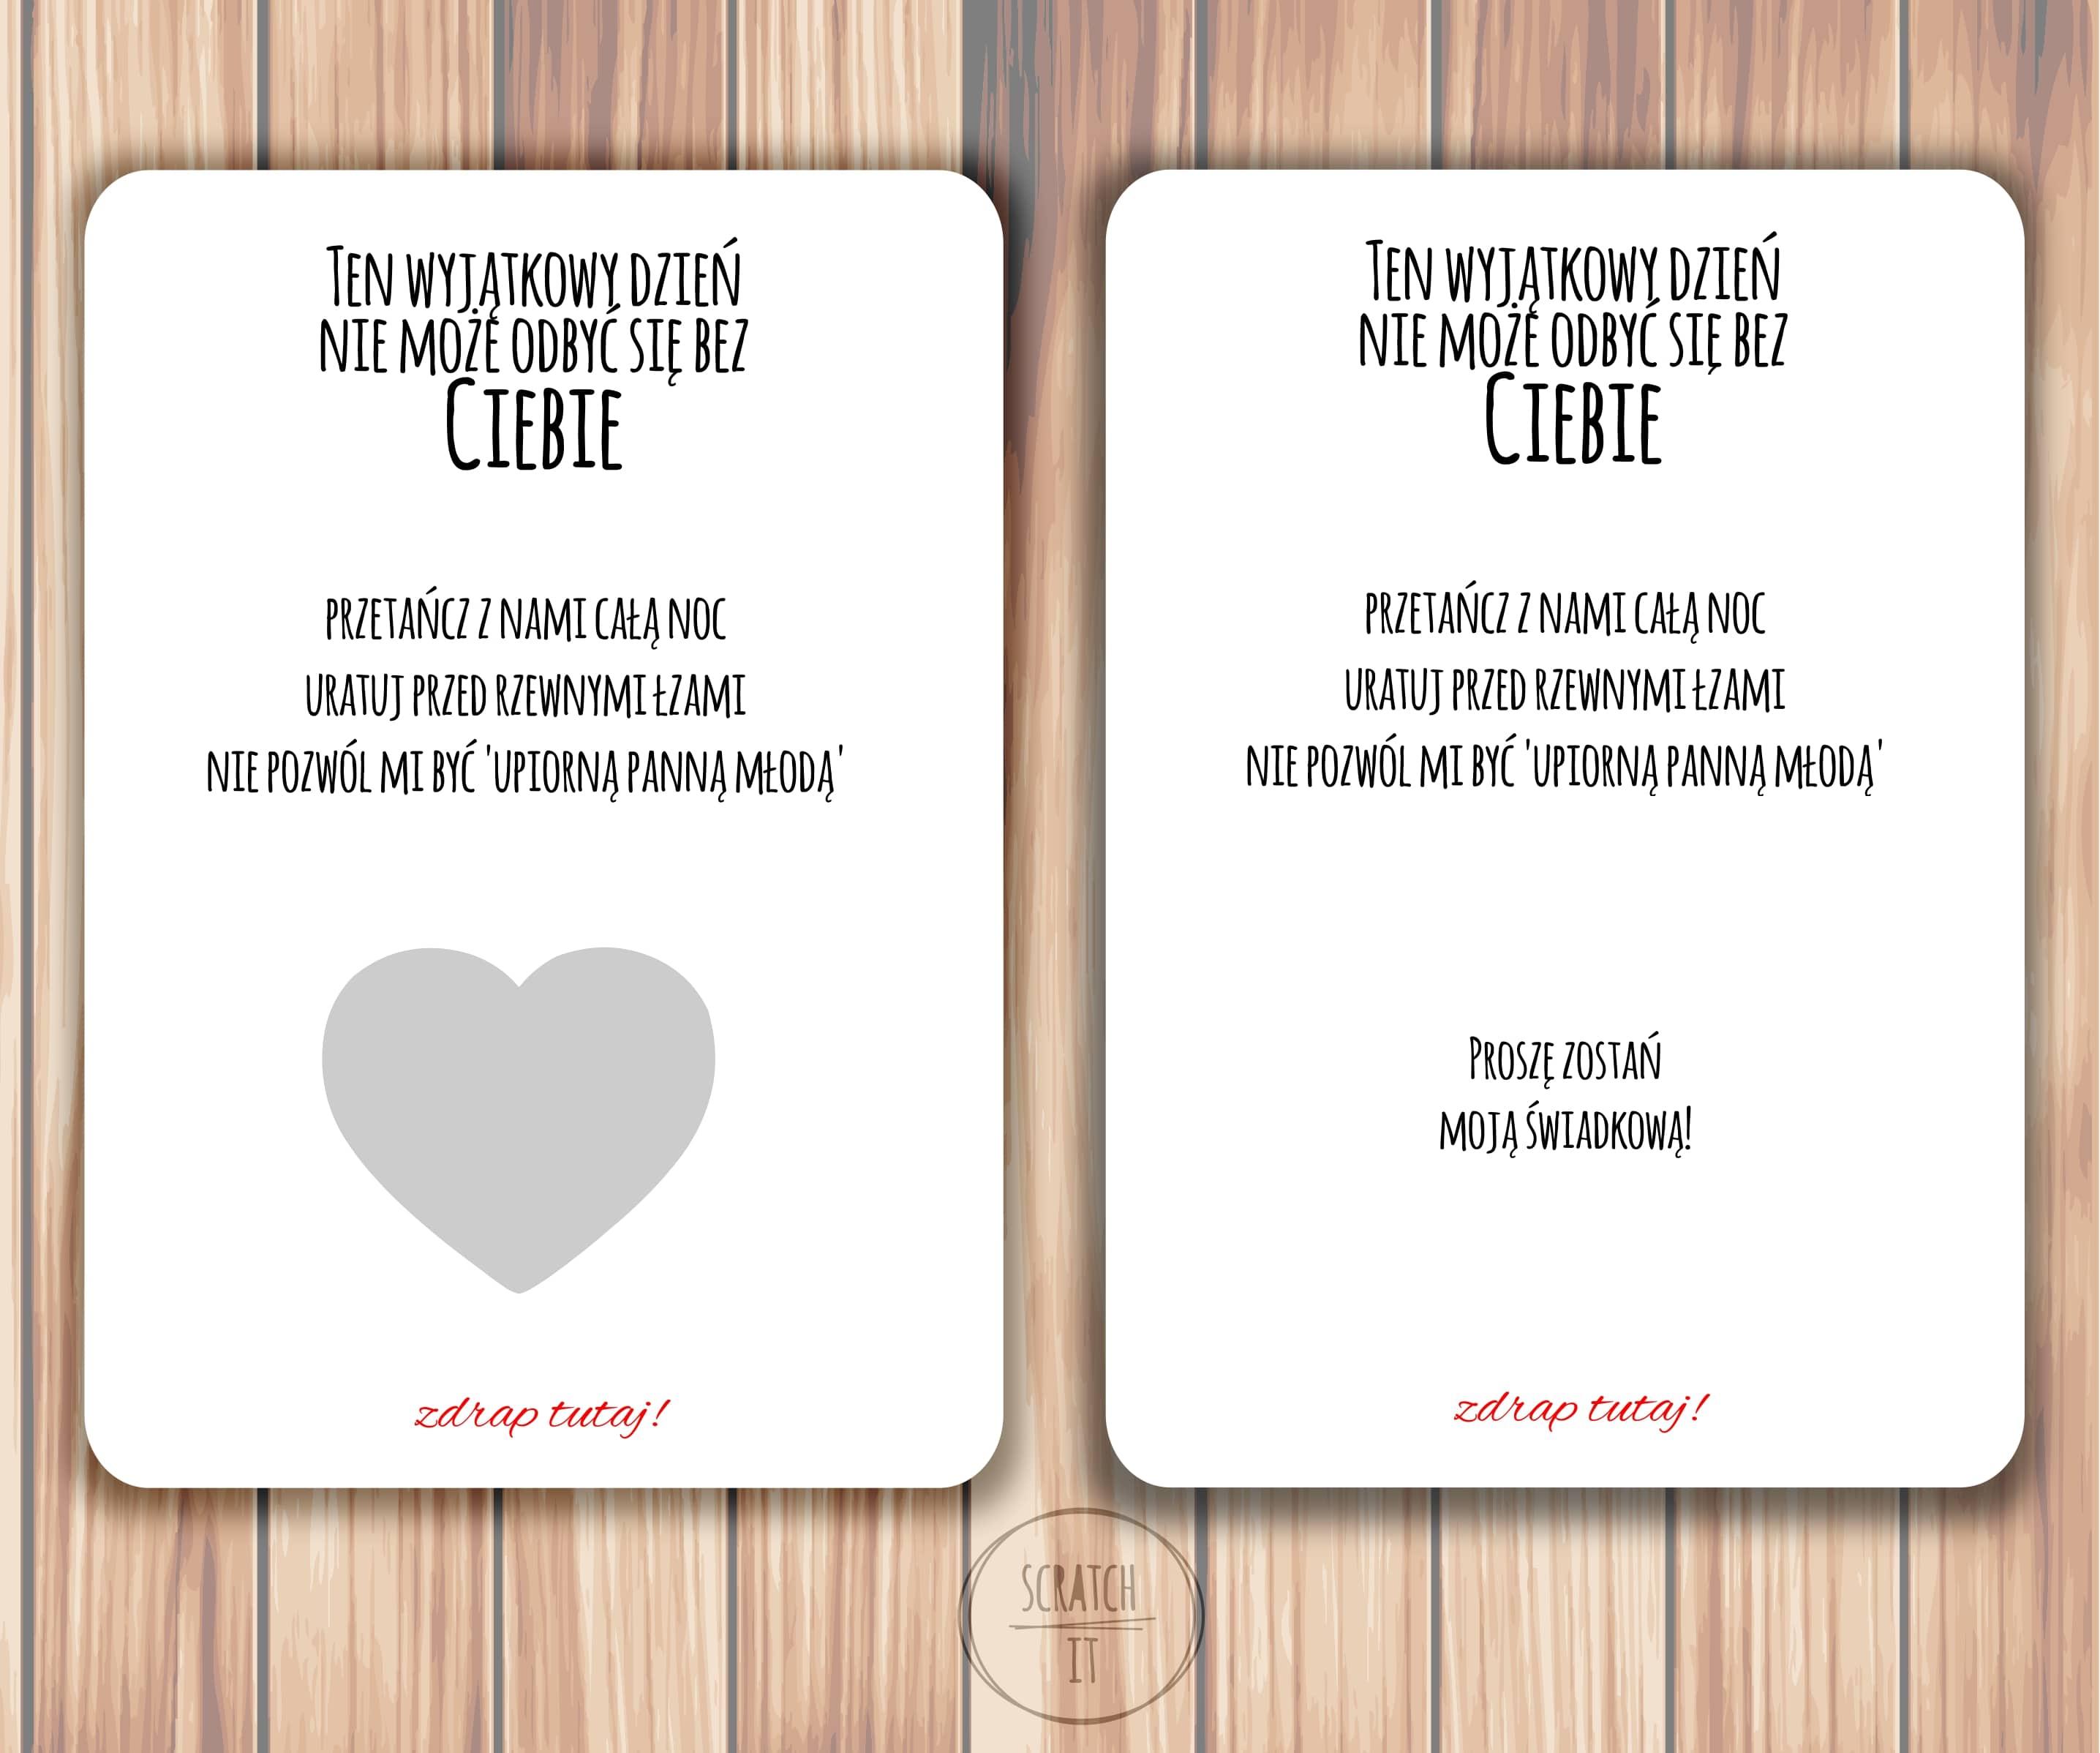 kartka zdrapka dla świadkowej serce